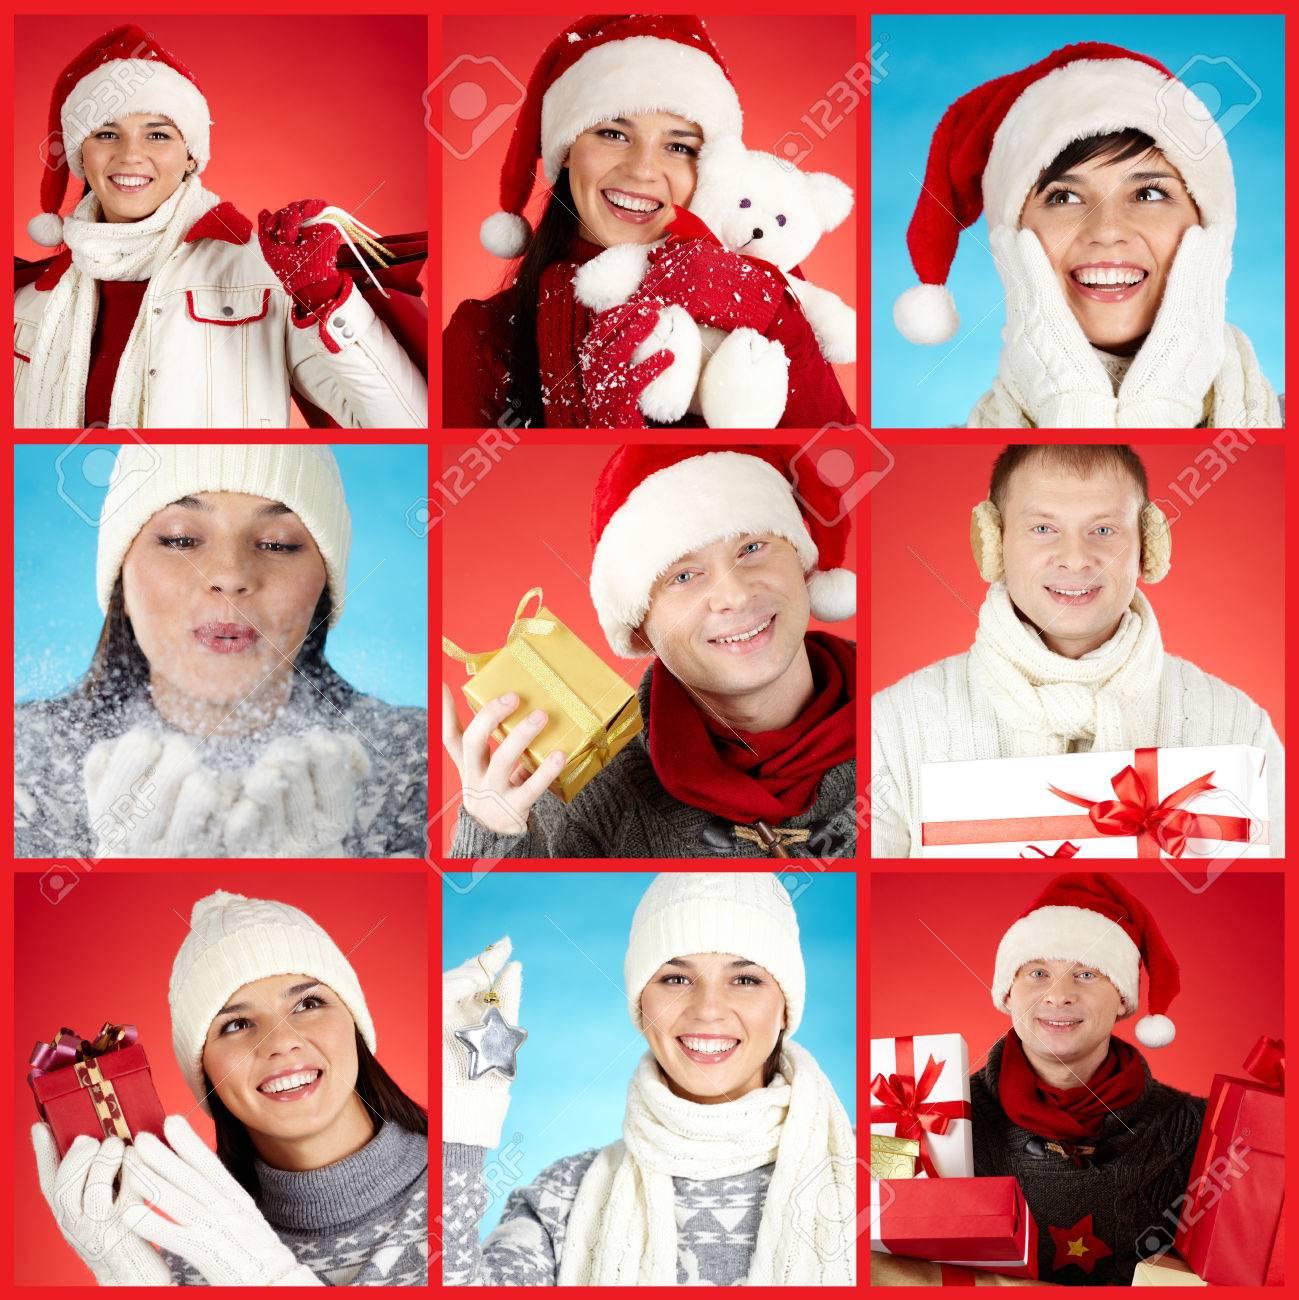 Gente Feliz En Navidad.Coleccion De Fotos Con La Gente Feliz Navidad